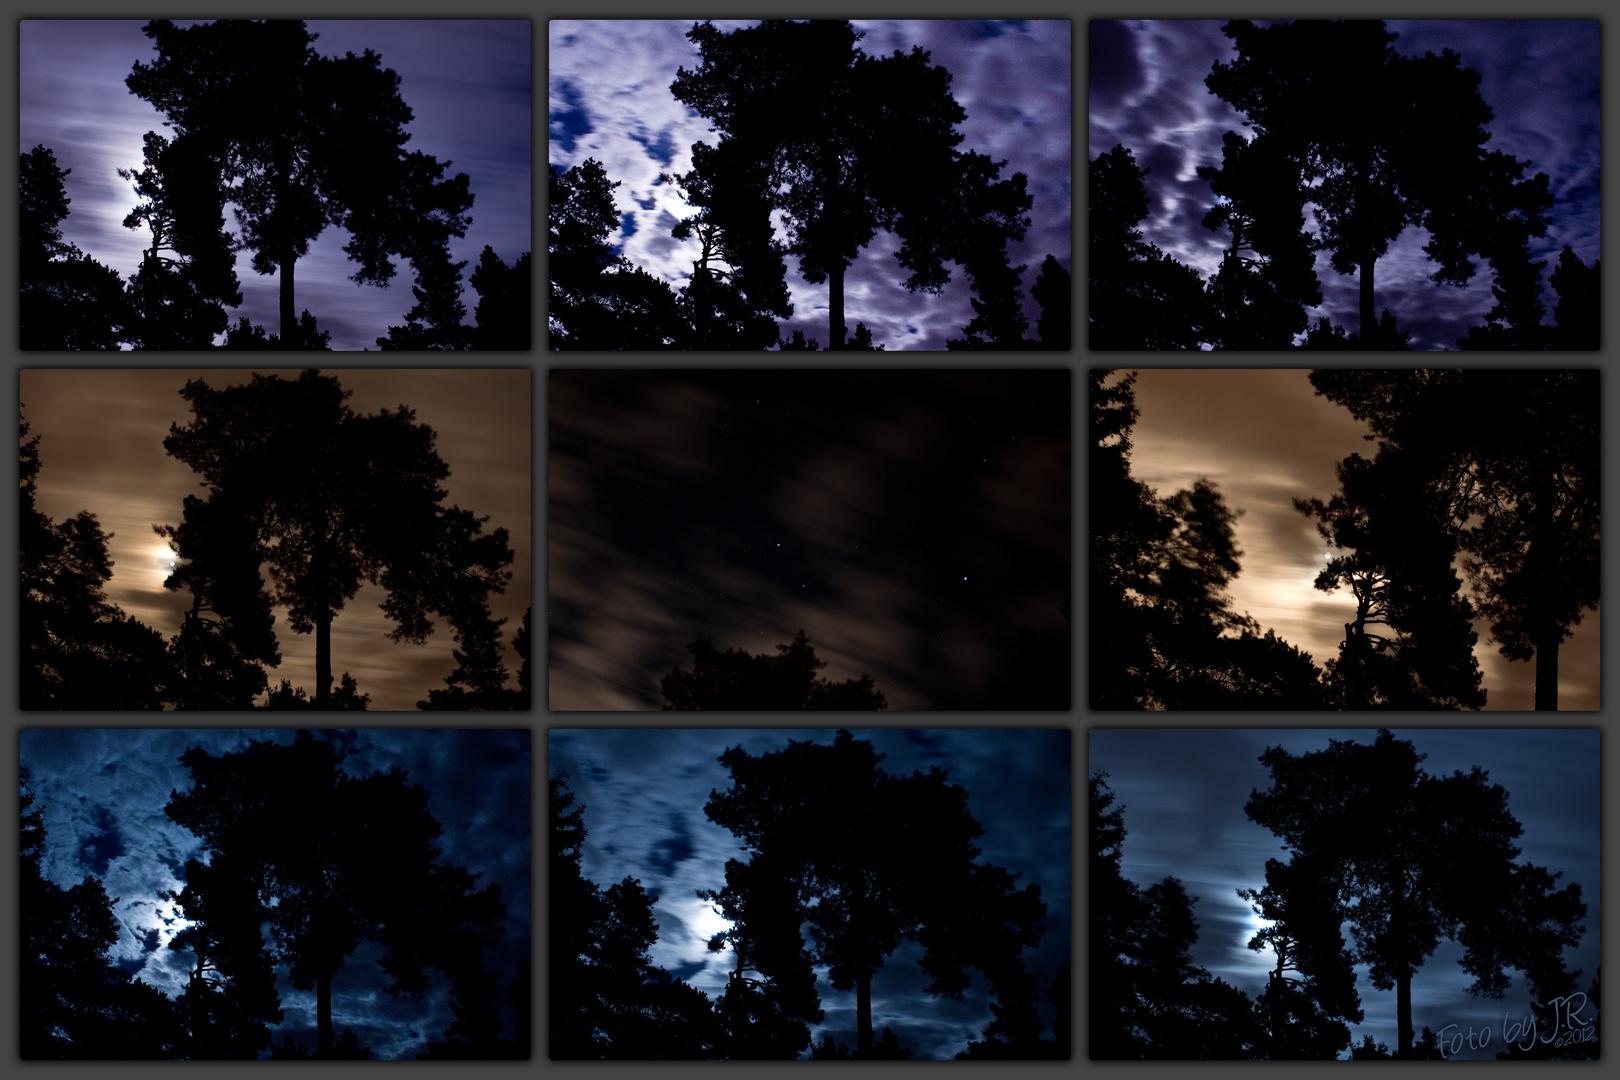 Dunkel wars, der Mond schien helle...